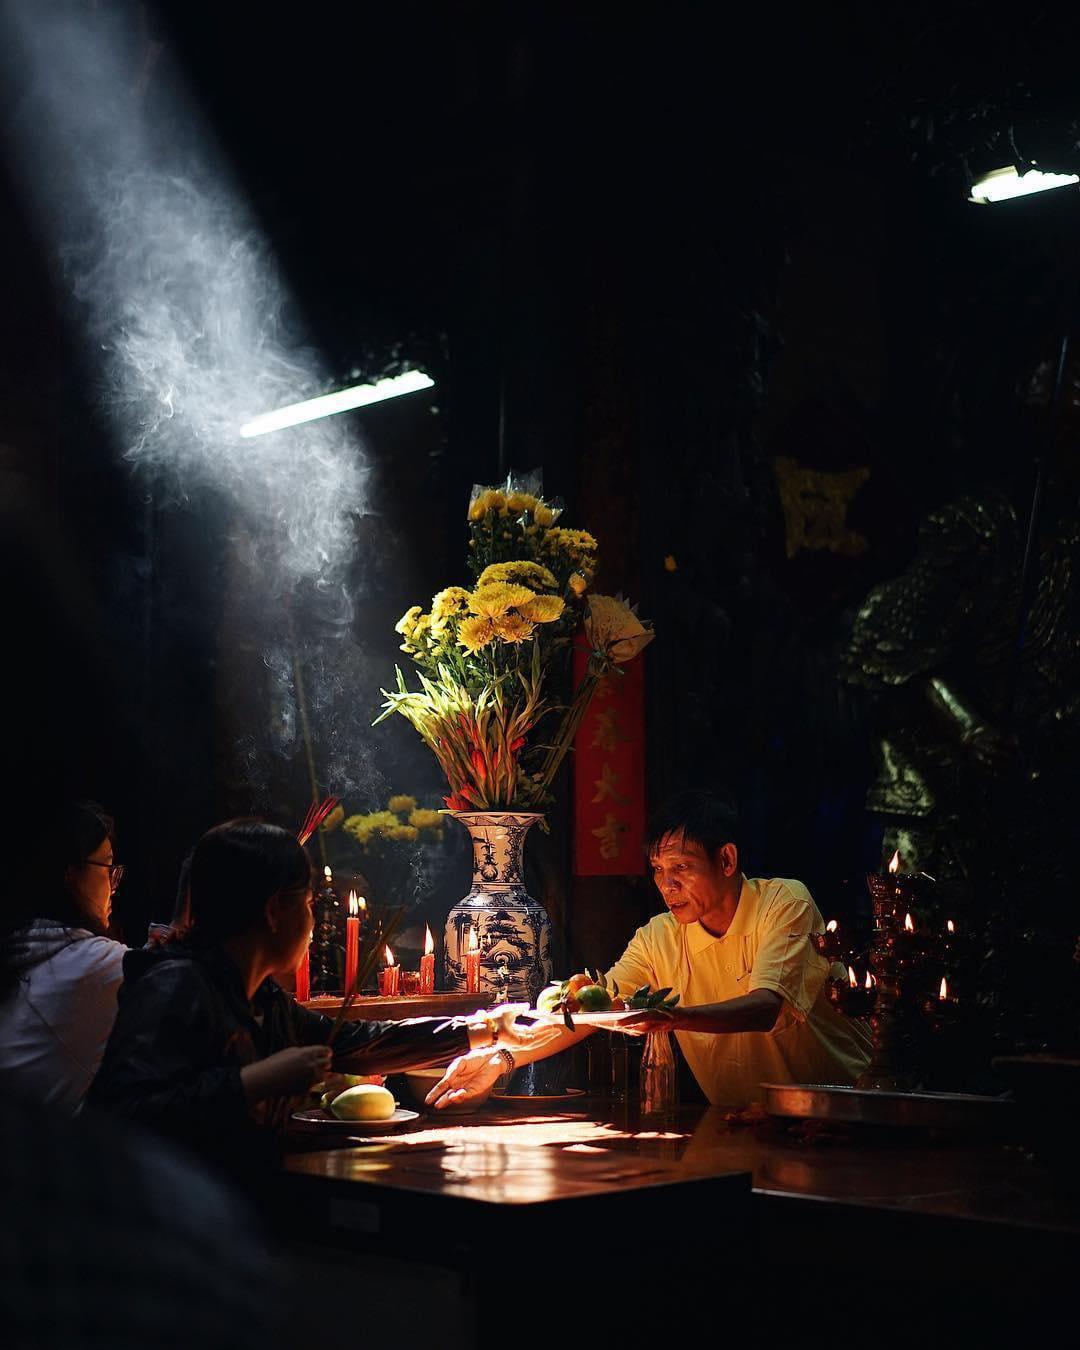 note-lien-dia-diem-tha-den-hoa-dang-tai-sai-gon-cho-ngay-vu-lan-them-y-nghia-13